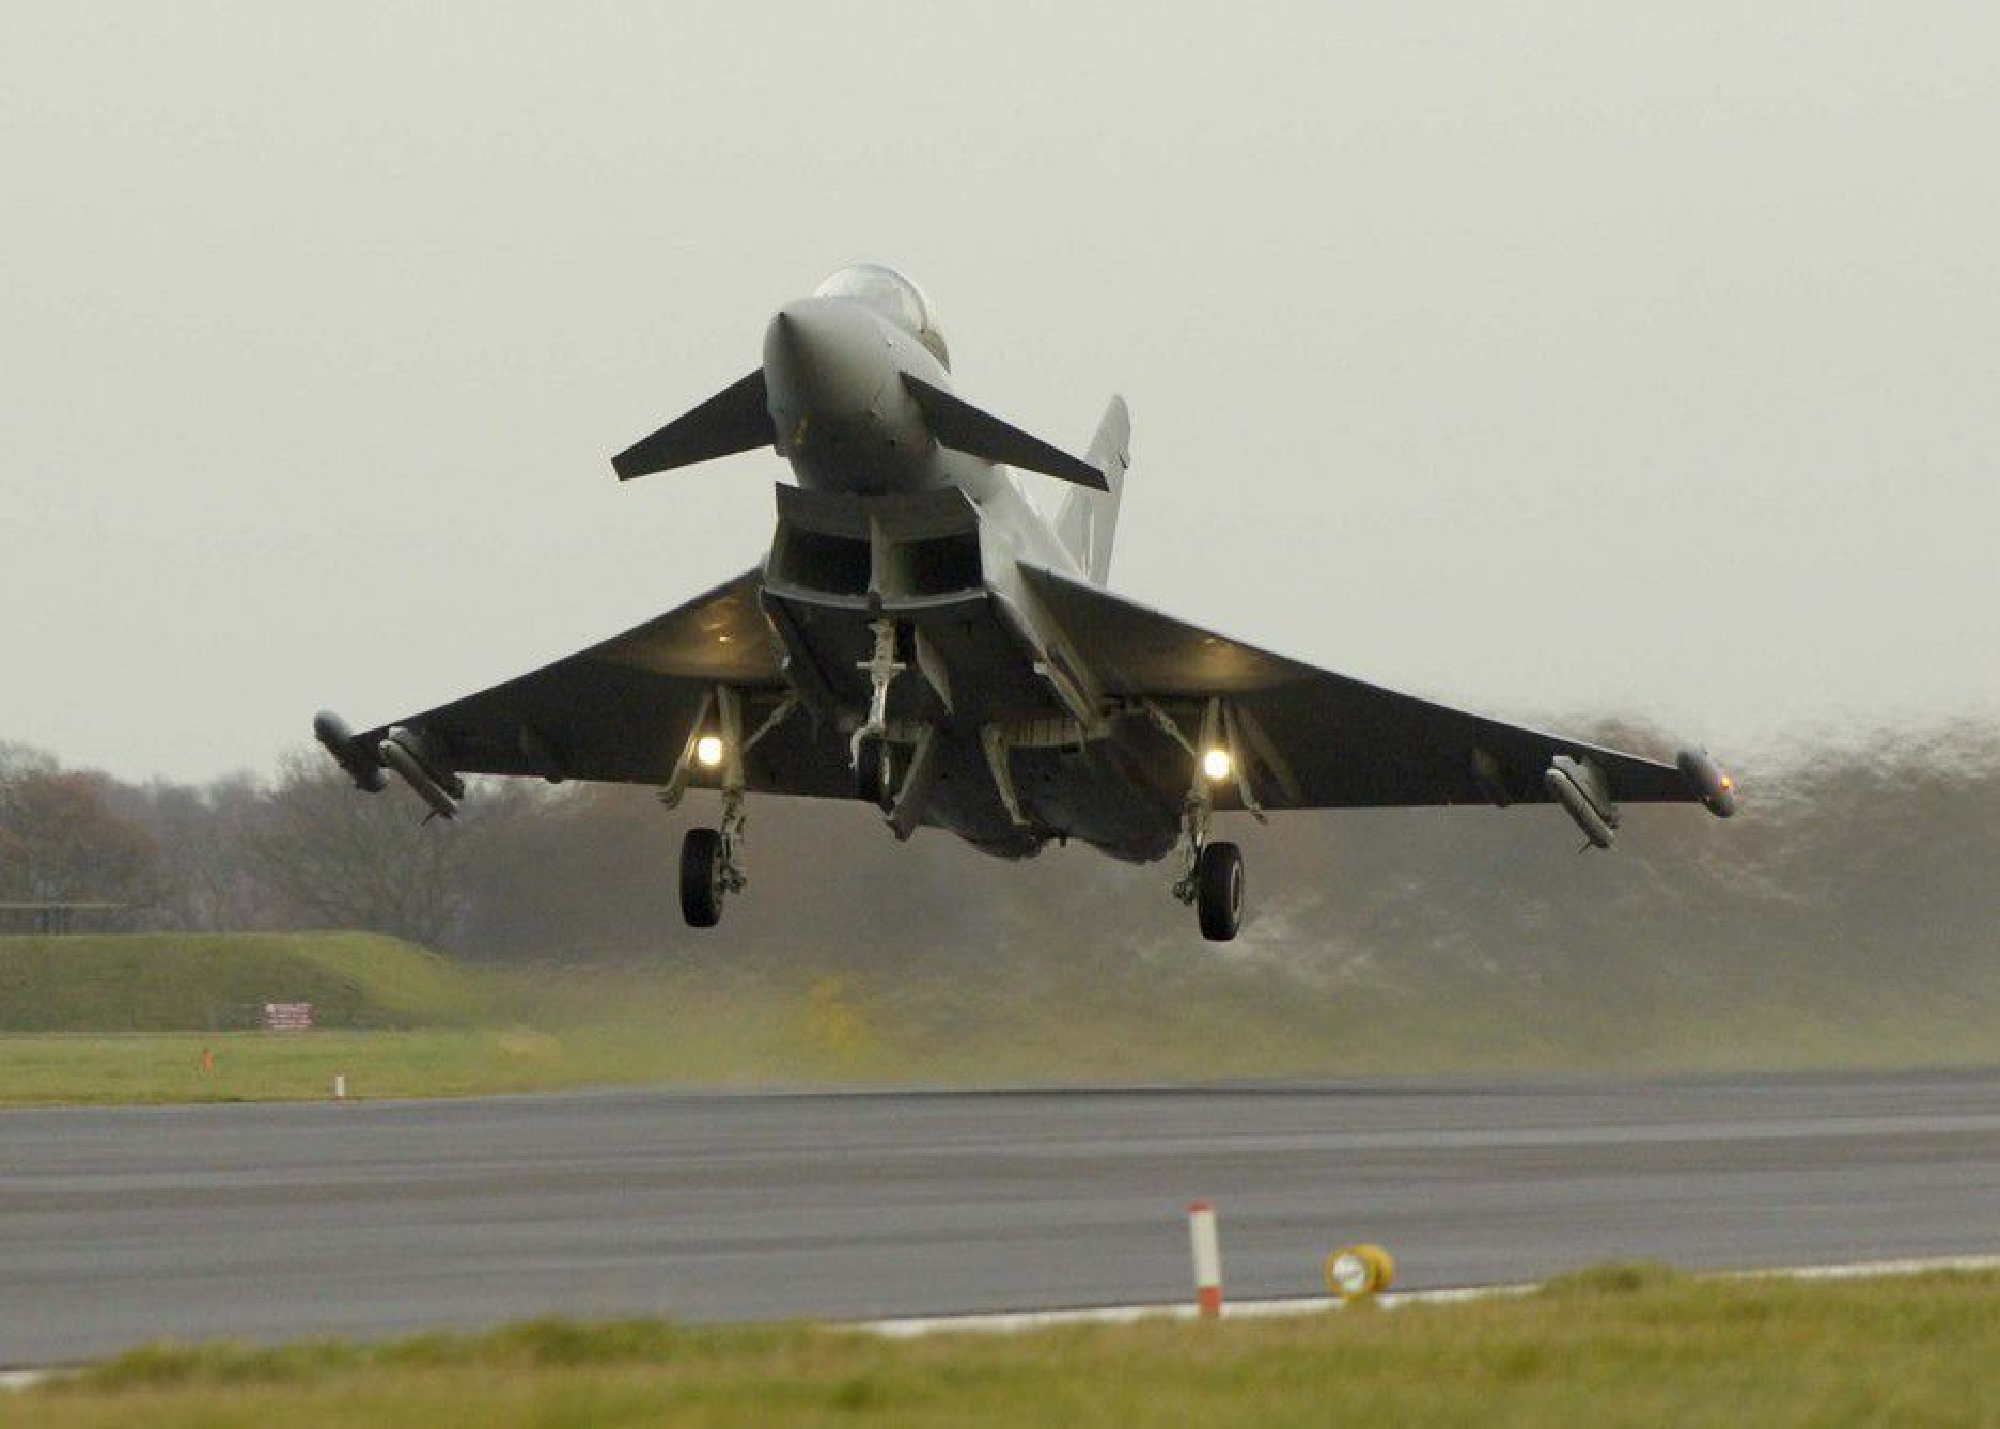 EUROPEER: Eurofighter tar av. Mens amerikanerne fortsatt ikke er ferdig med utviklingen av sin JSF F-35, som enkelte flykilder omtaler som basert på til dels utdatert teknologi, har Eurofighter levert flere topp moderne jagerfly.